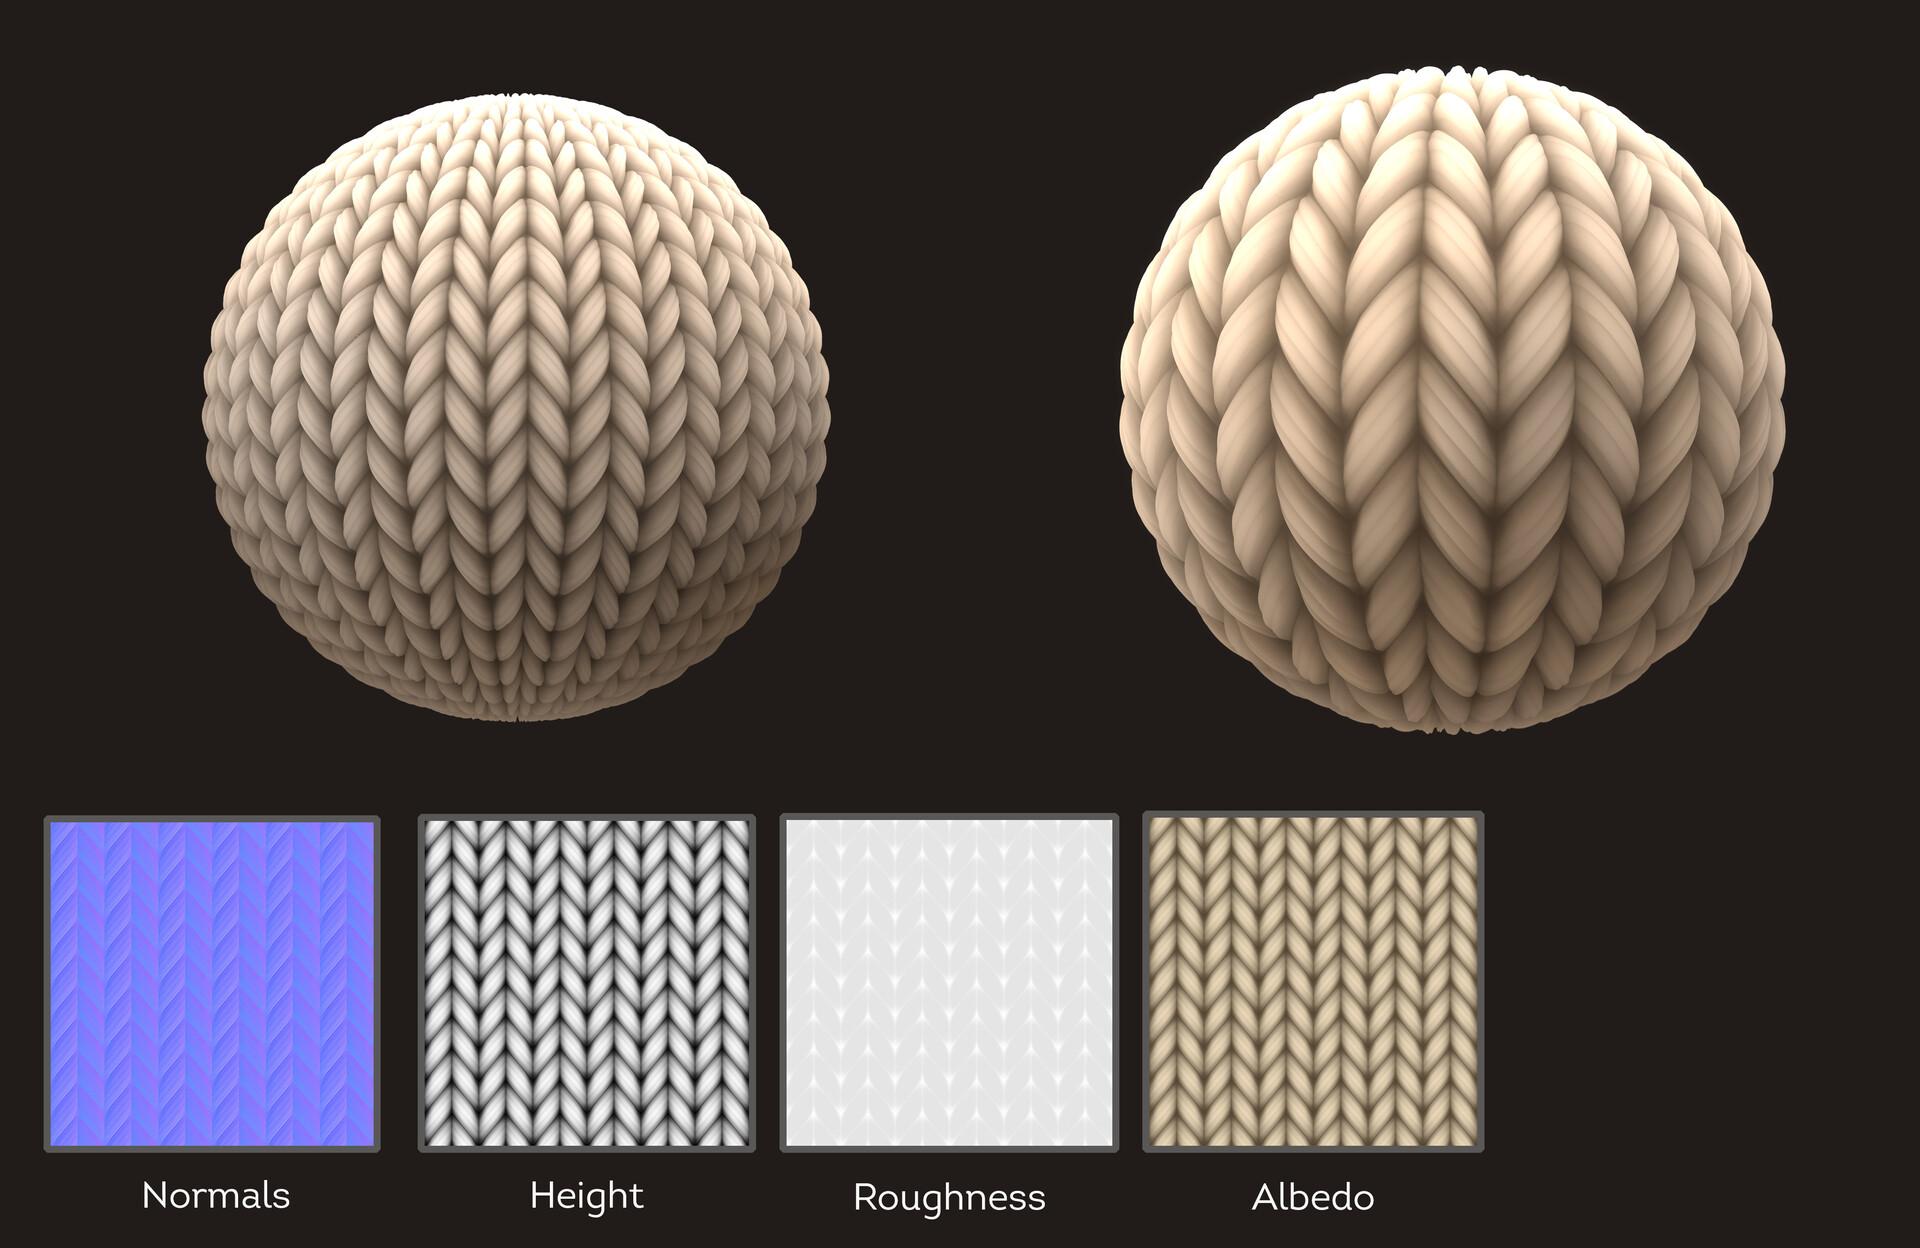 Weston mitchell knittedbreakdowqn